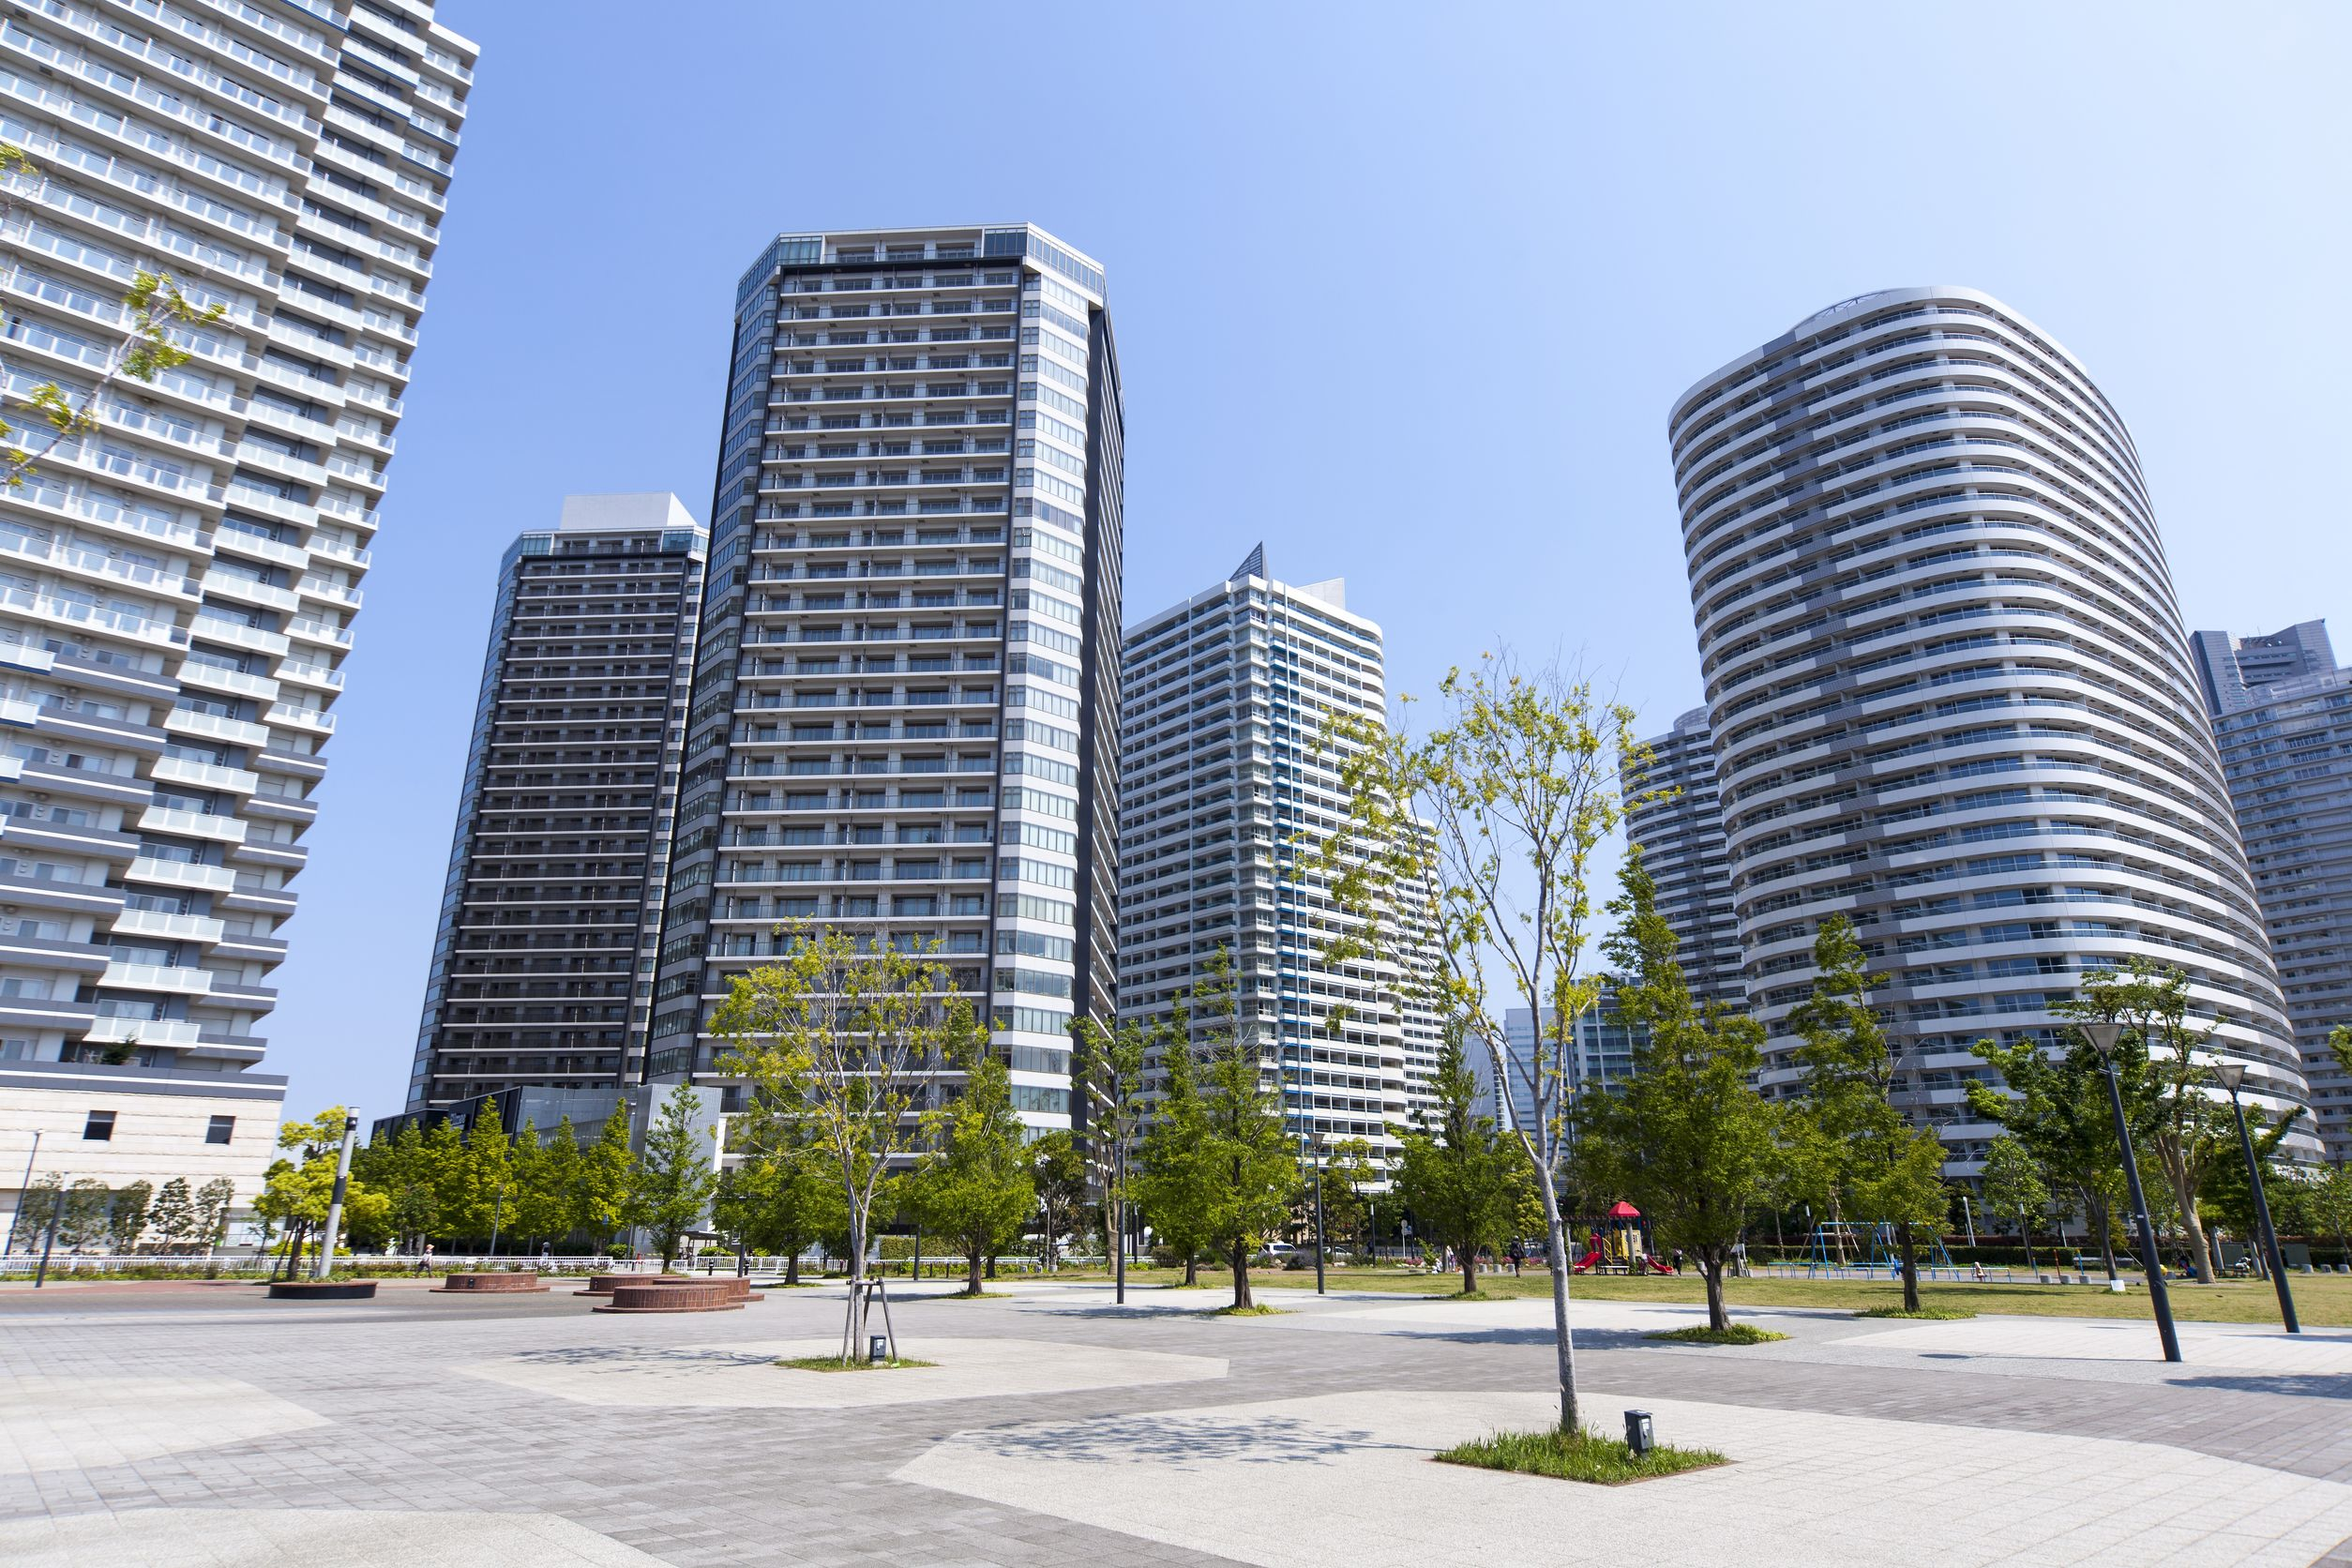 【高級賃貸マンション】自社開発・自社保有プロジェクト、「大森西3丁目計画」着工しました。